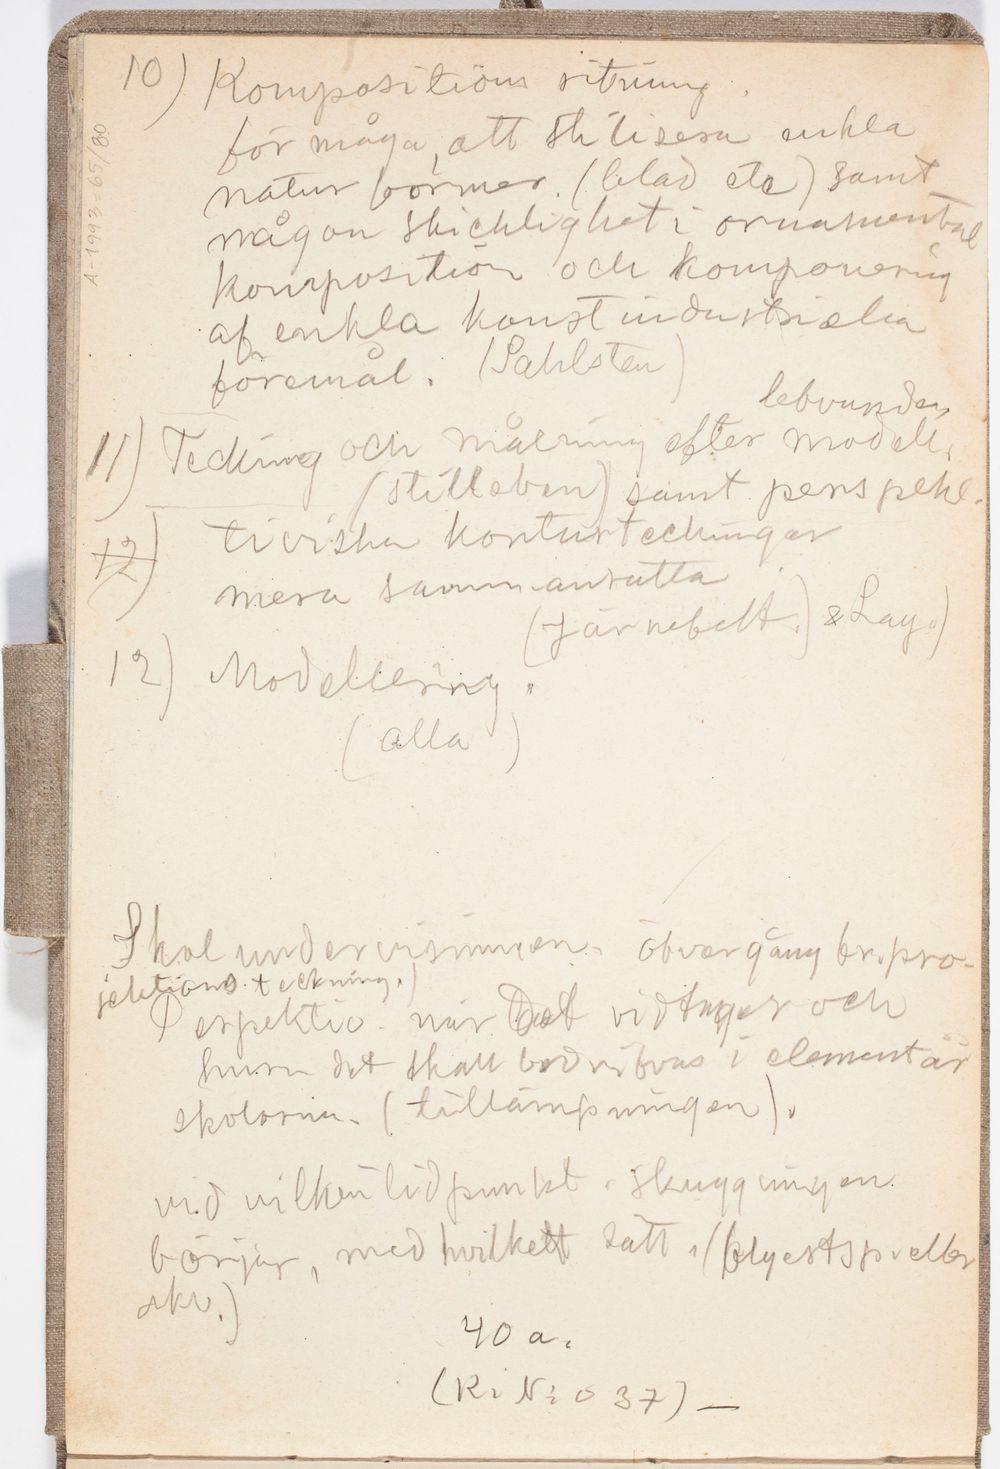 Kirjoitusta. Piirustuksen opetusohjelma tai lukujärjestys ilmeisesti Helsingin yliopiston piirustussalissa n. 1908-09.